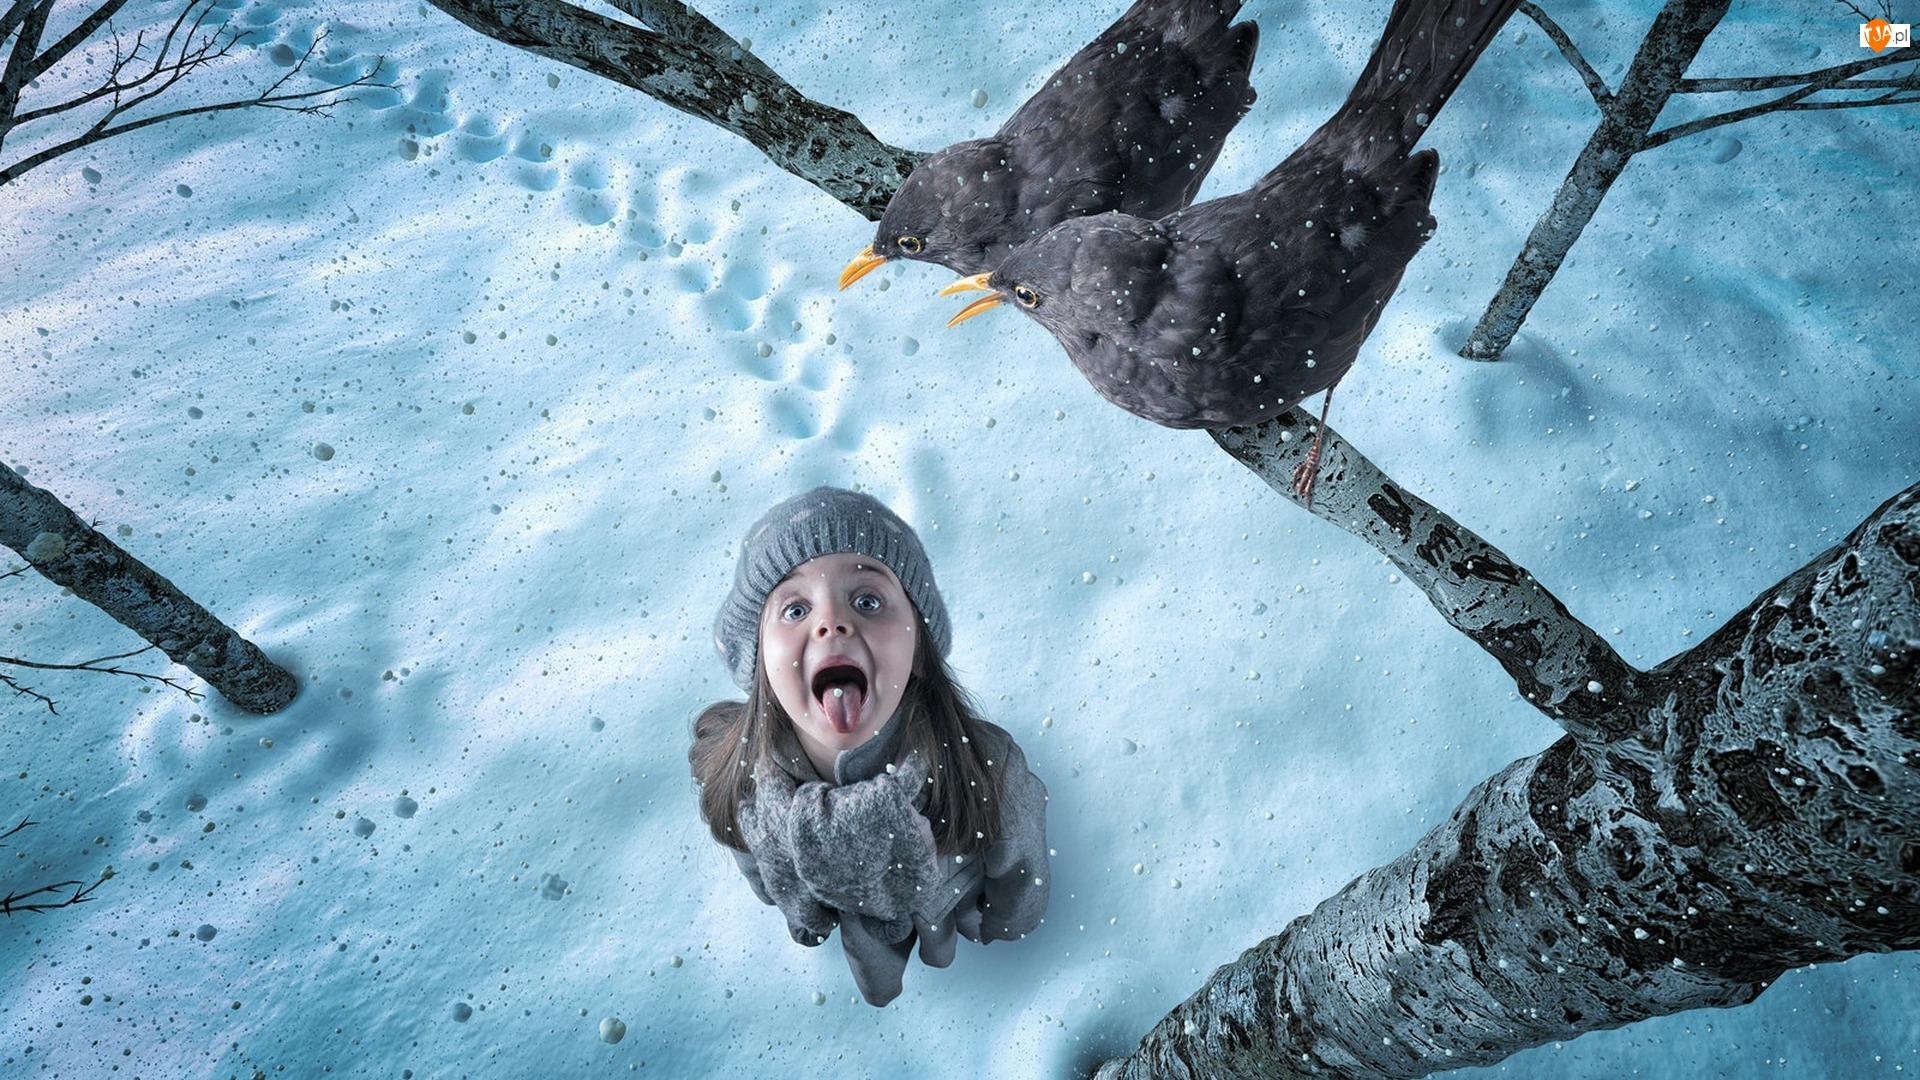 Kosy, Ptaki, Dziewczynka, Śnieg, Gałąź, Zima